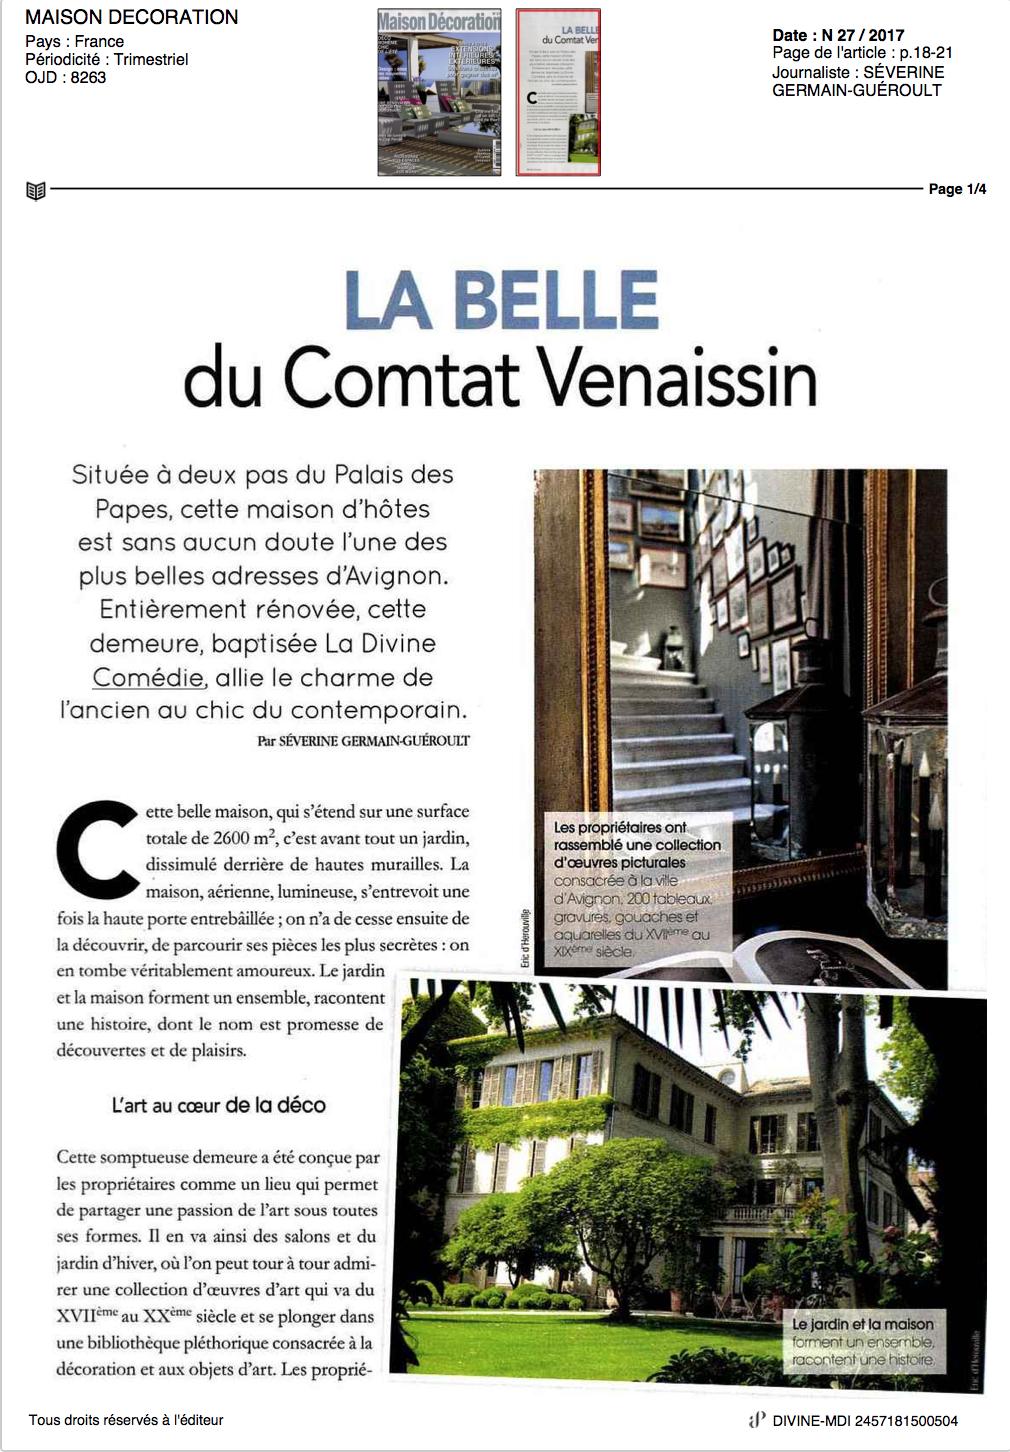 Maison Décoration - La divine Comédie, Avignon